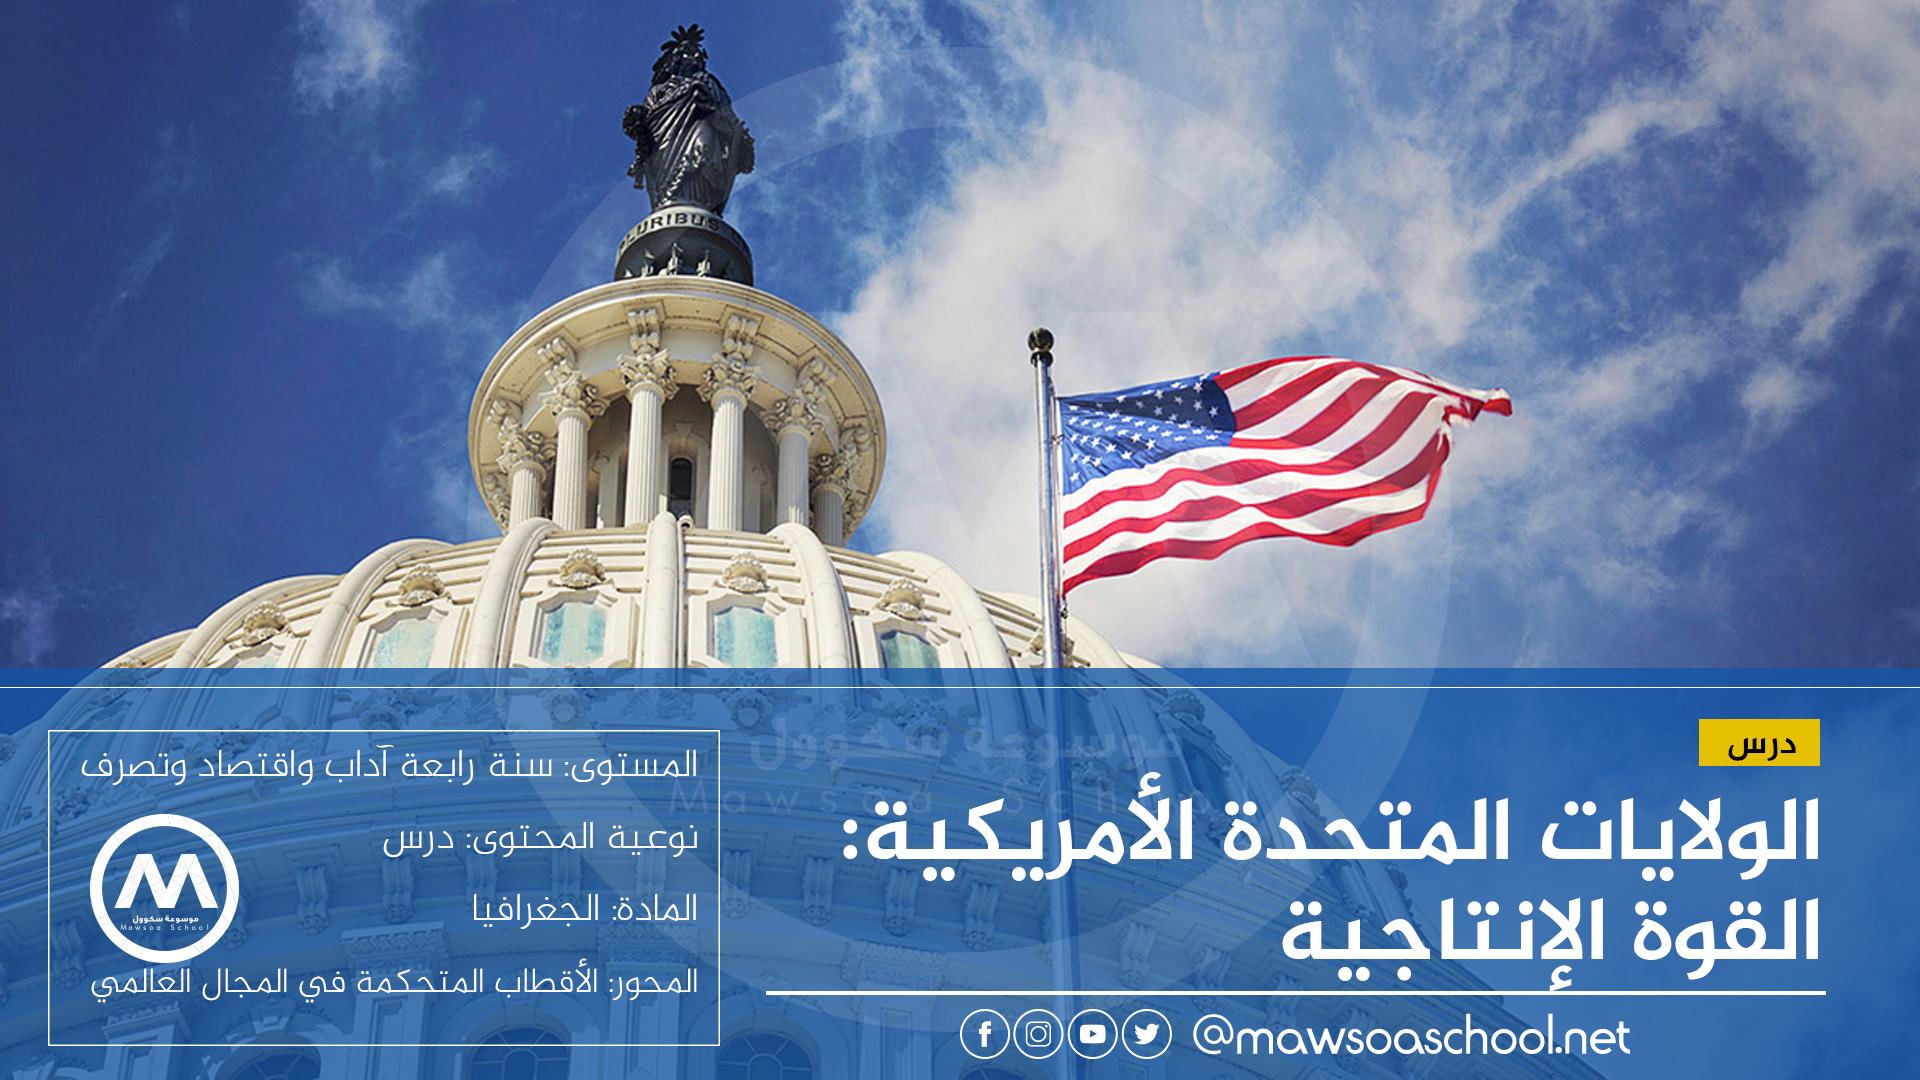 الولايات المتحدة الأمريكية - القوة الإنتاجية - جغرافيا - بكالوريا آداب واقتصاد وتصرف